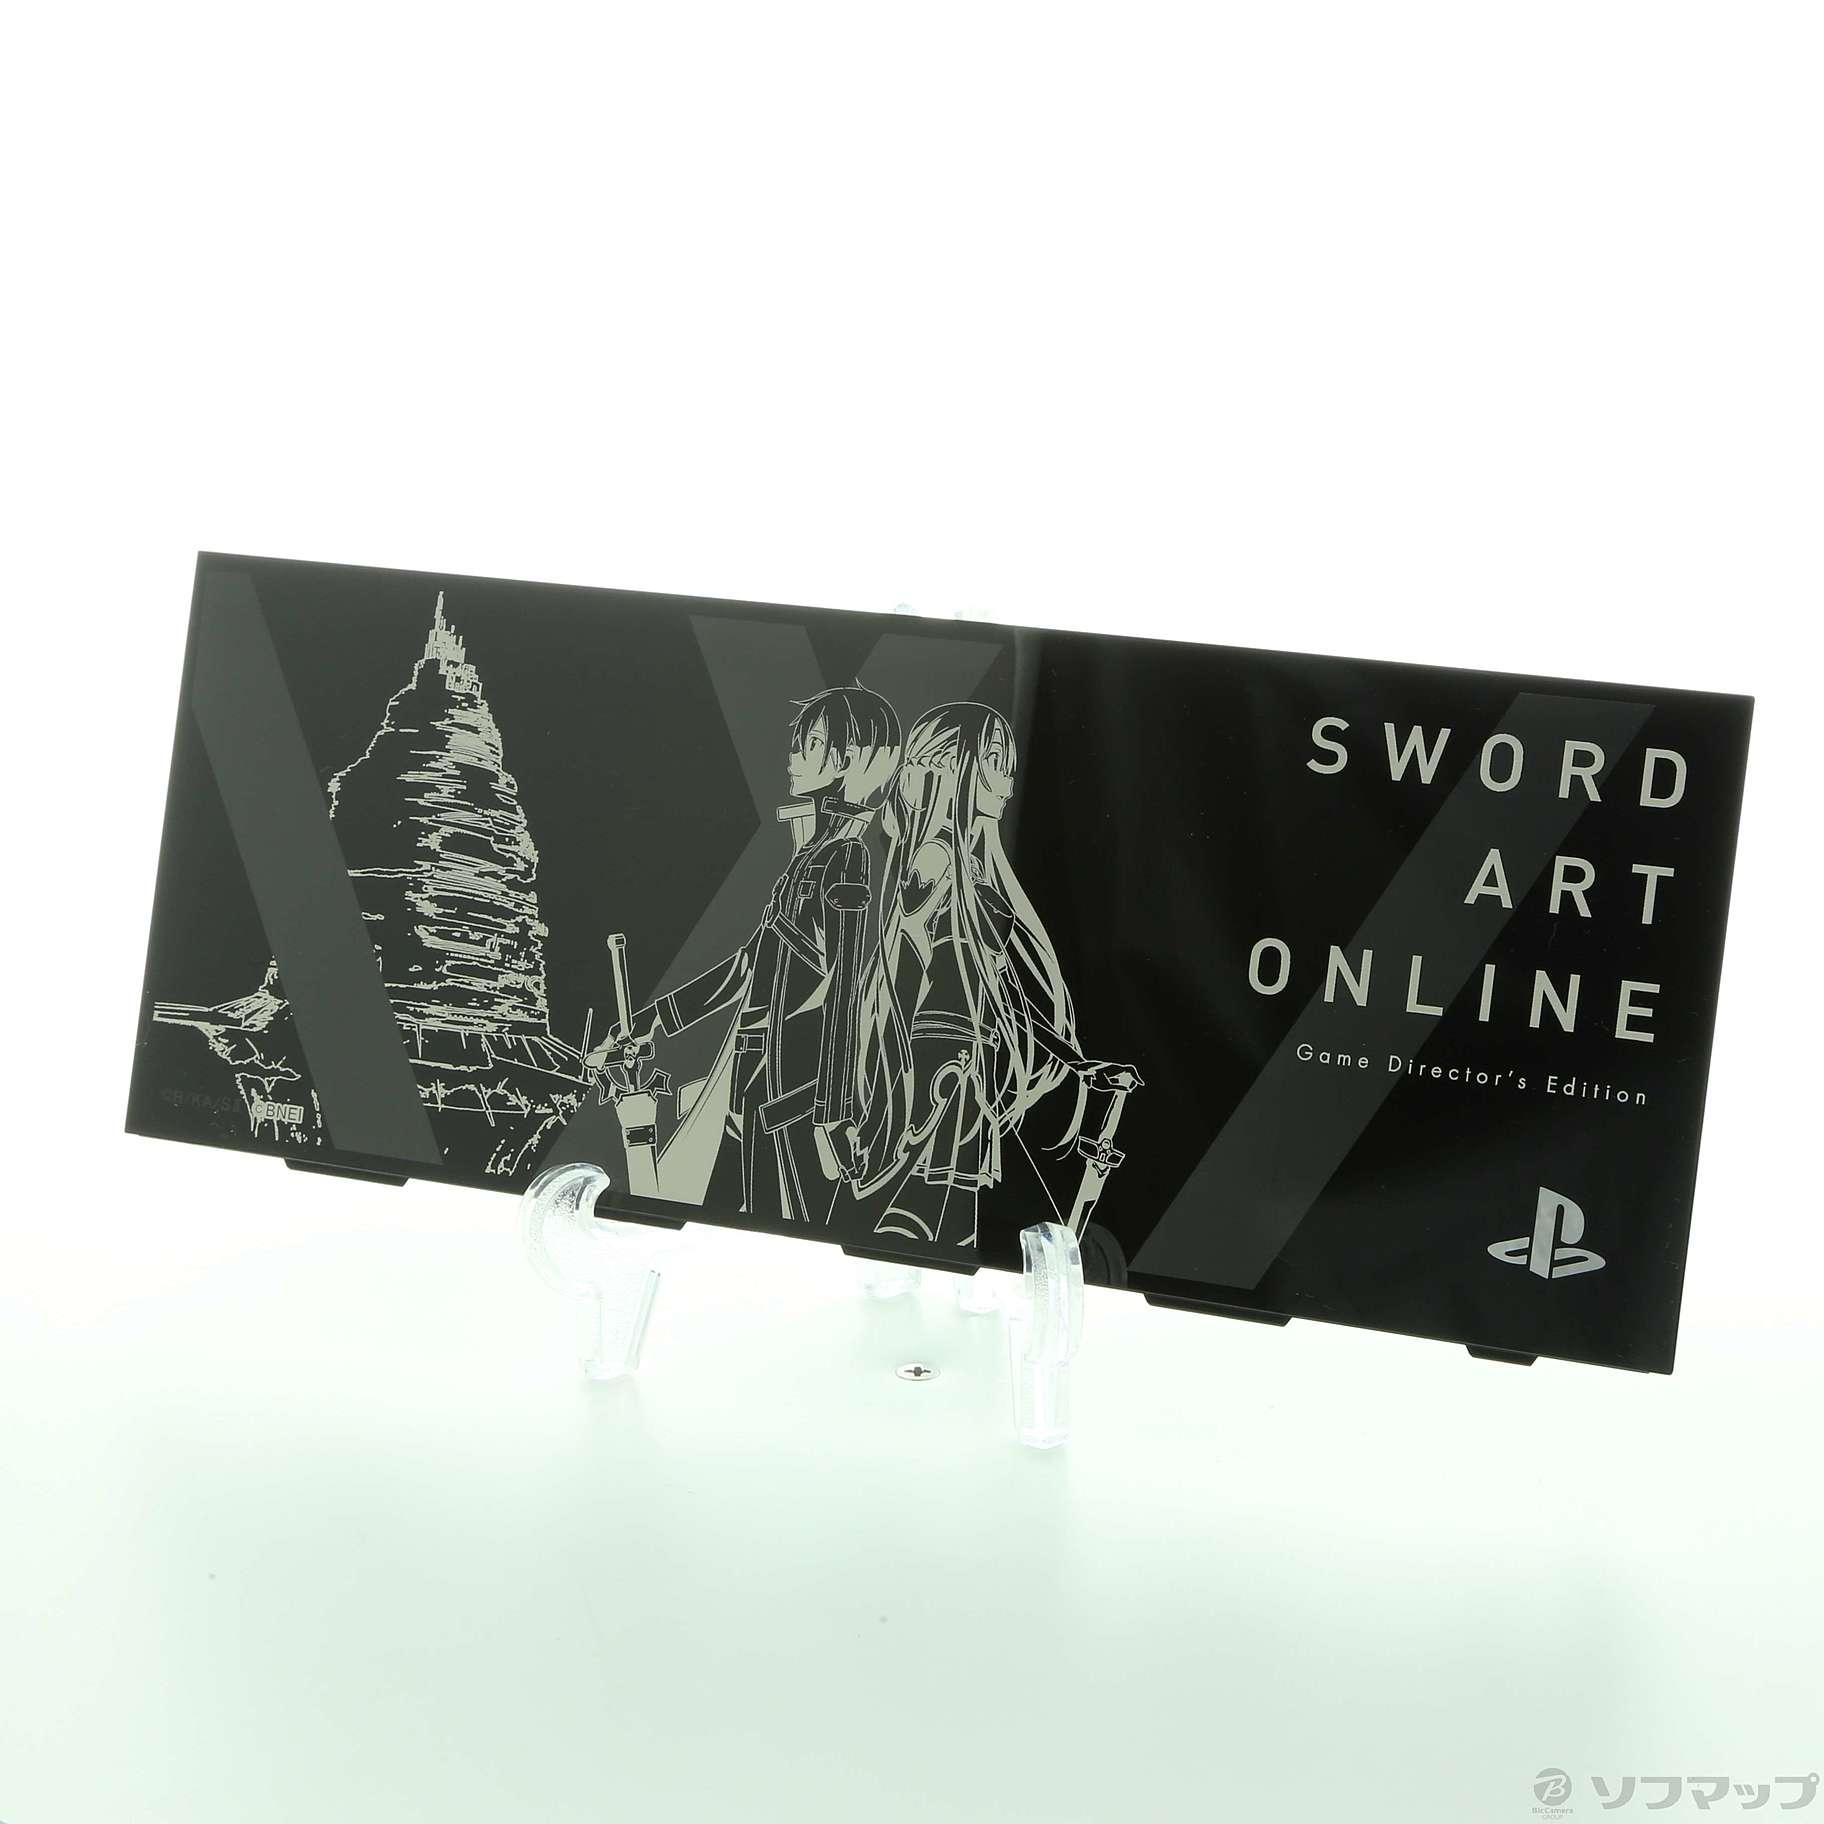 〔中古品〕ソードアート・オンライン ゲームディレクターズ・エディション PS4 HDD ベイカバー ブラック 【PS4】